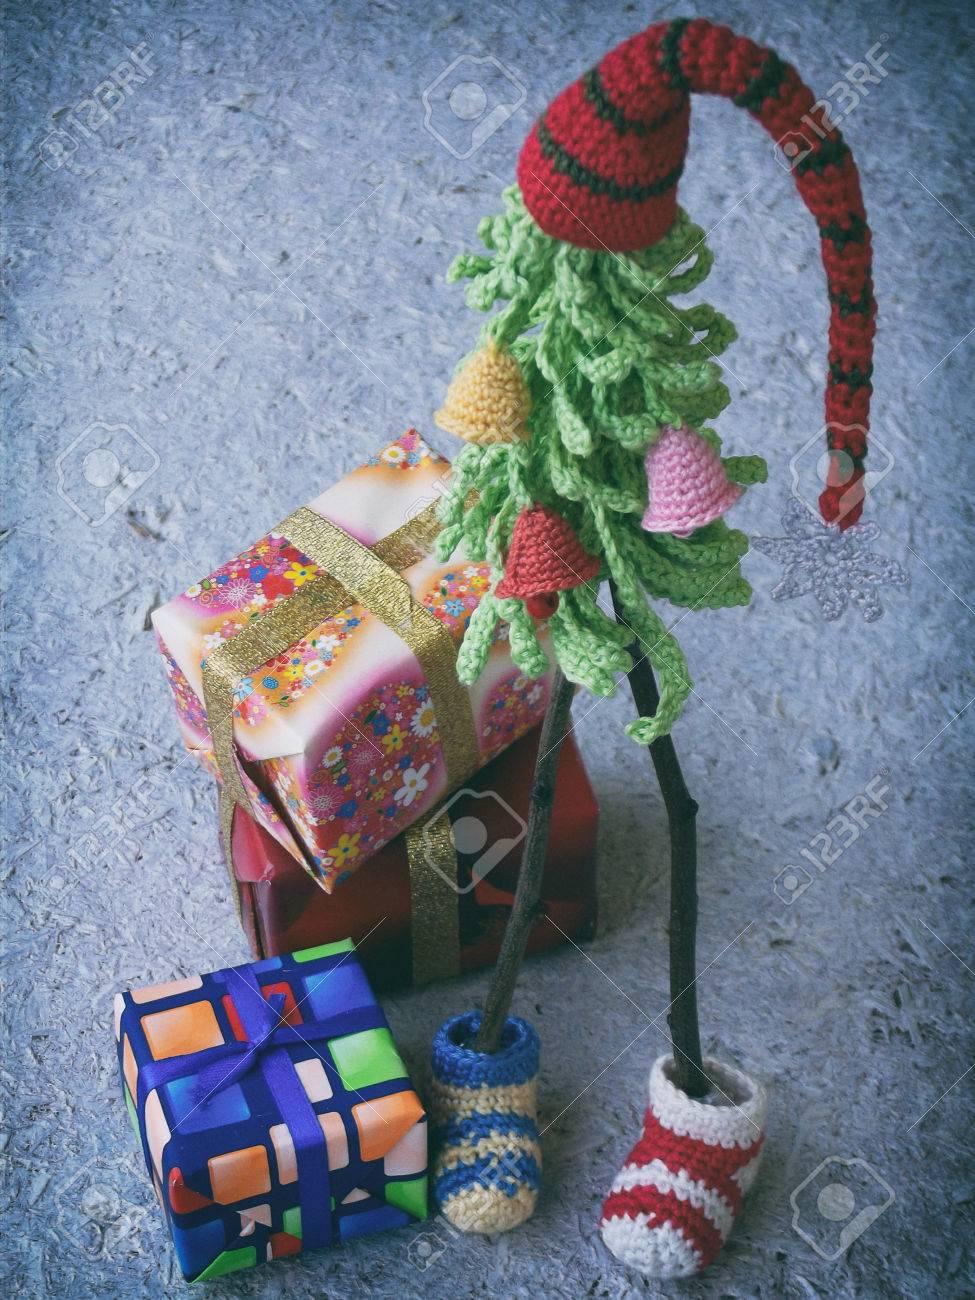 Kreative Häkeln Weihnachtsbäume Mit Geschenken Auf Hölzernem ...